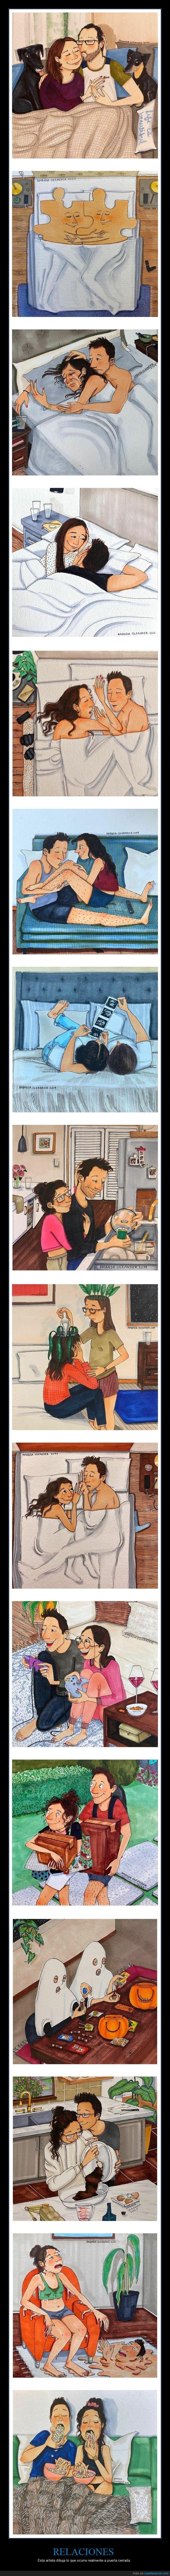 ilustraciones,relaciones